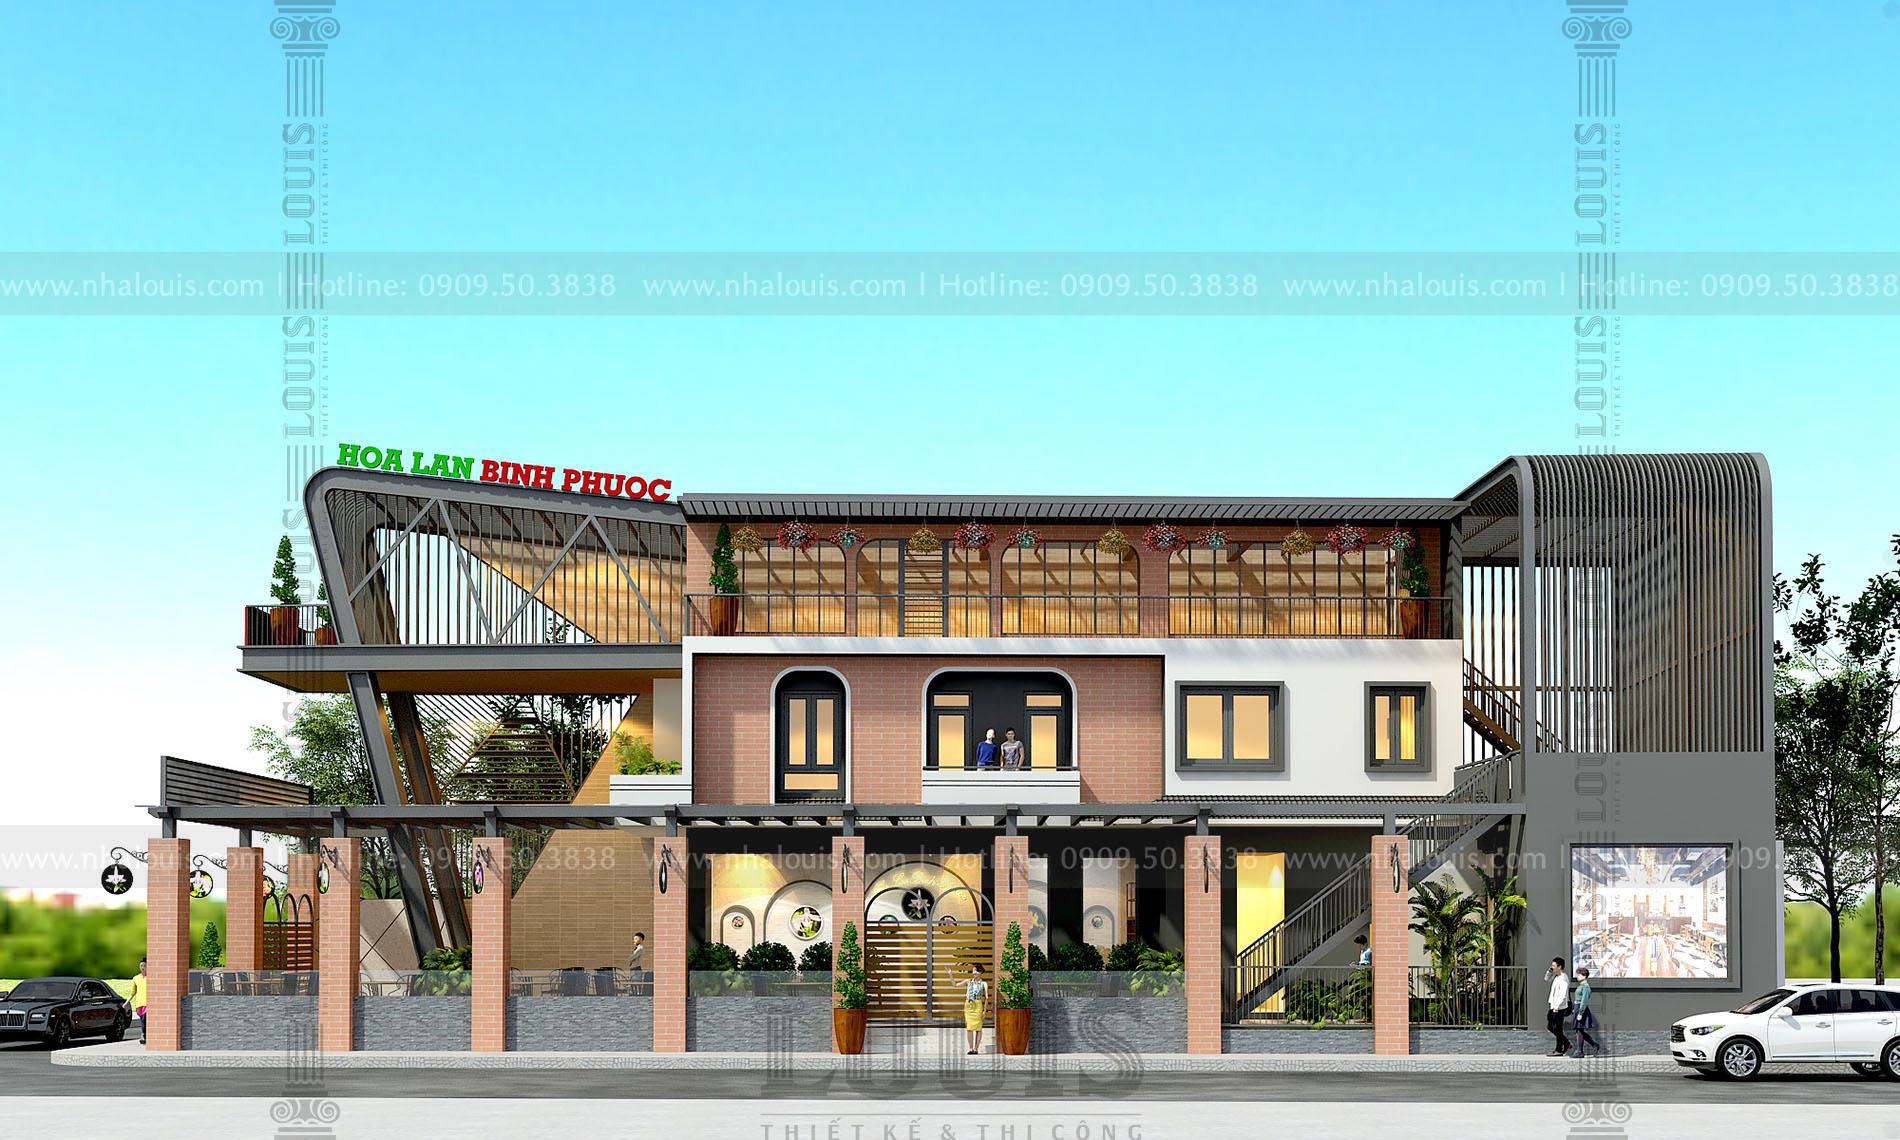 thiết kế cải tạo quán coffee hiện đại 2 tầng tại thủ dầu một